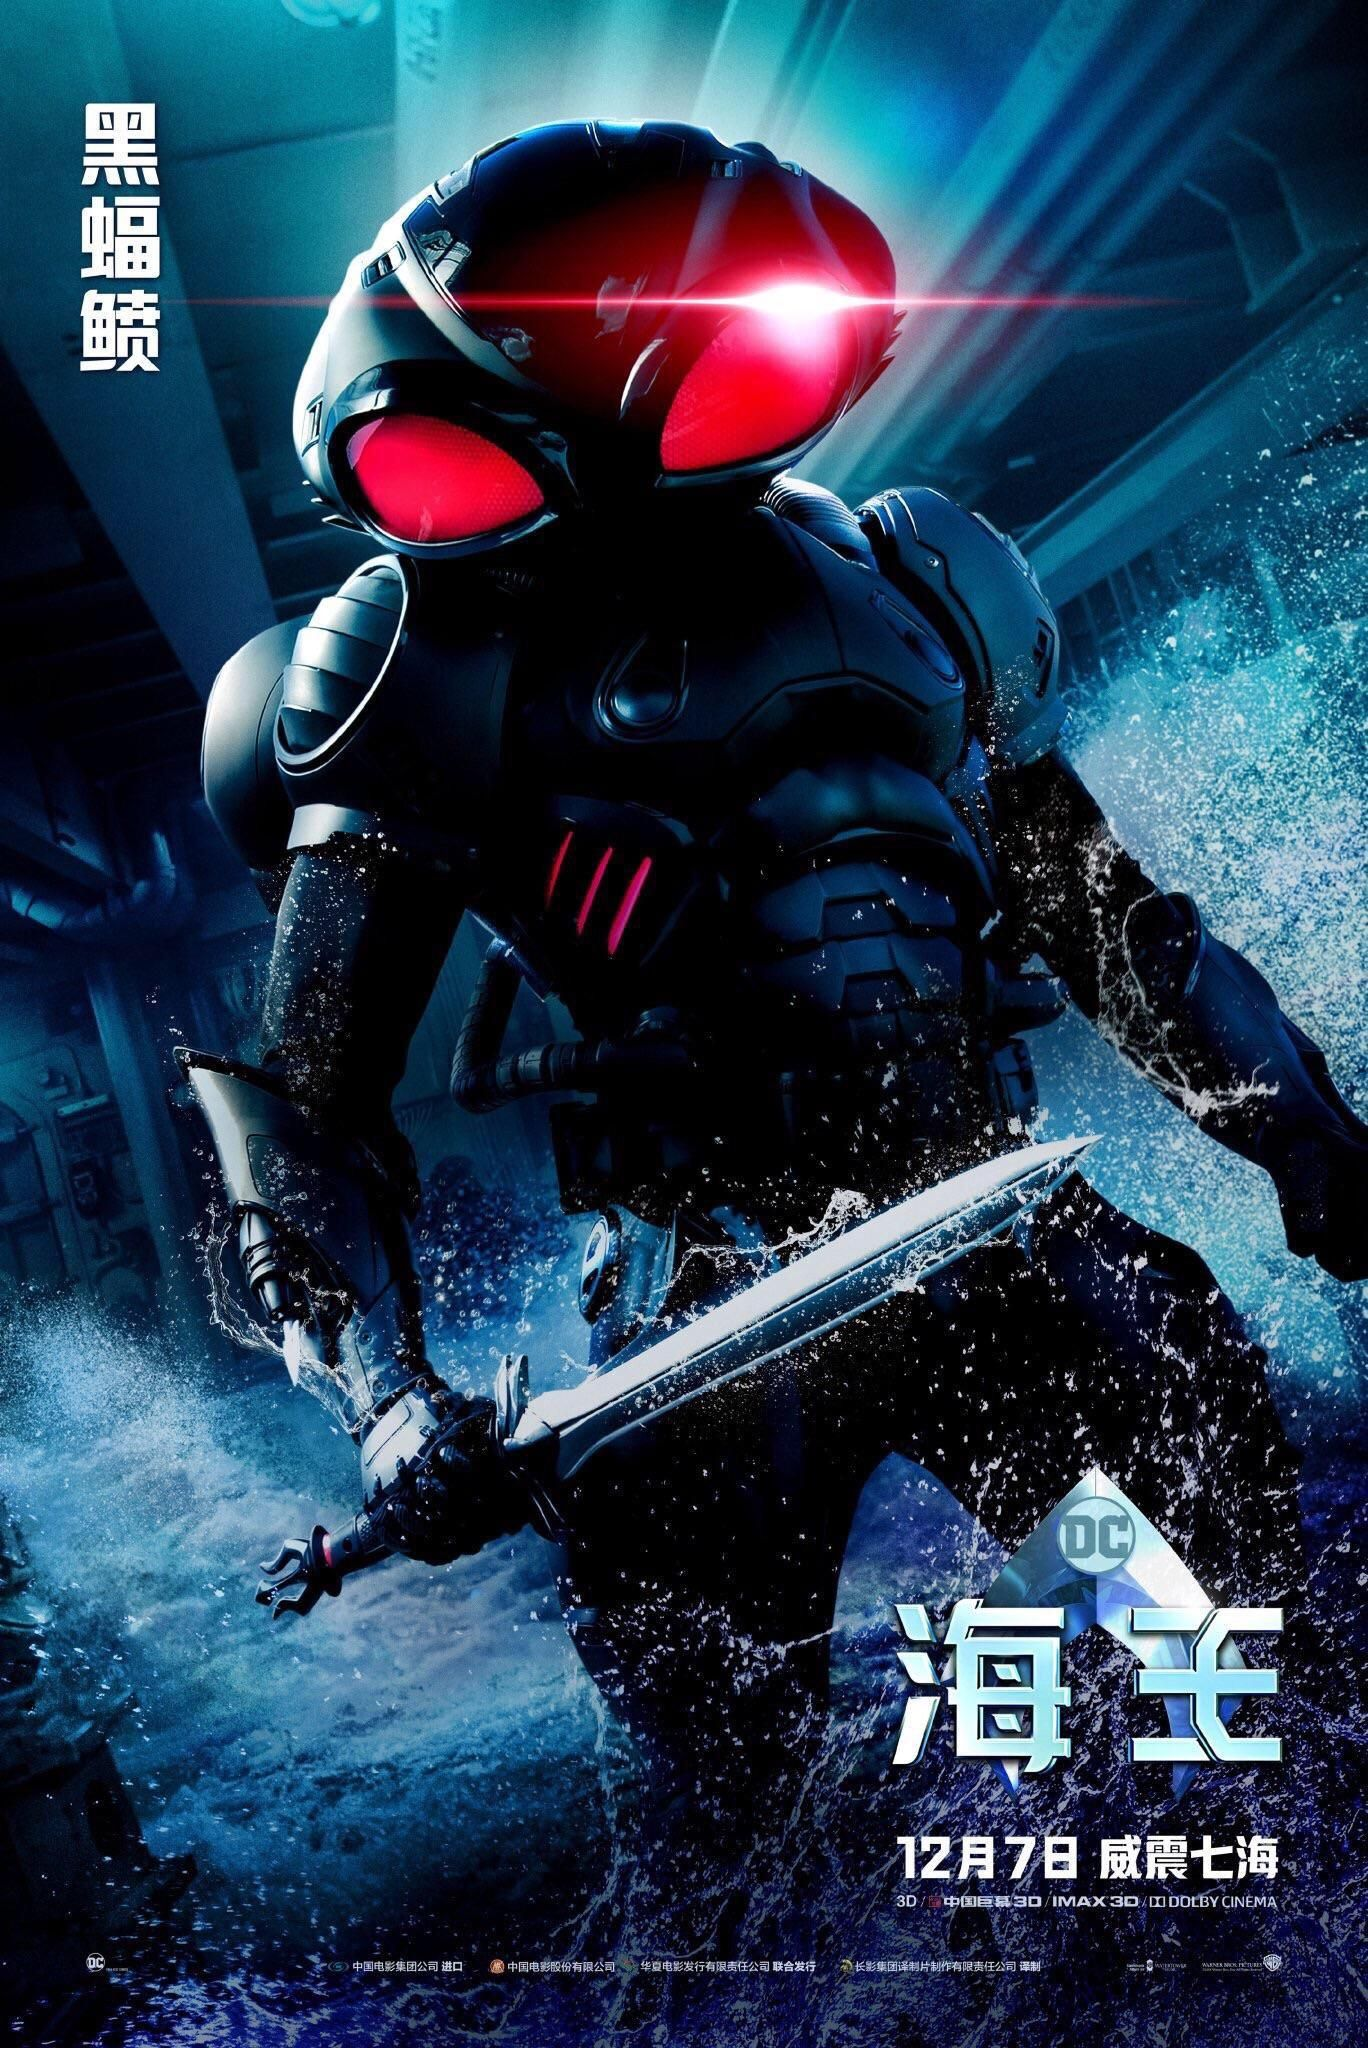 Black Manta Poster Aquaman film, Aquaman